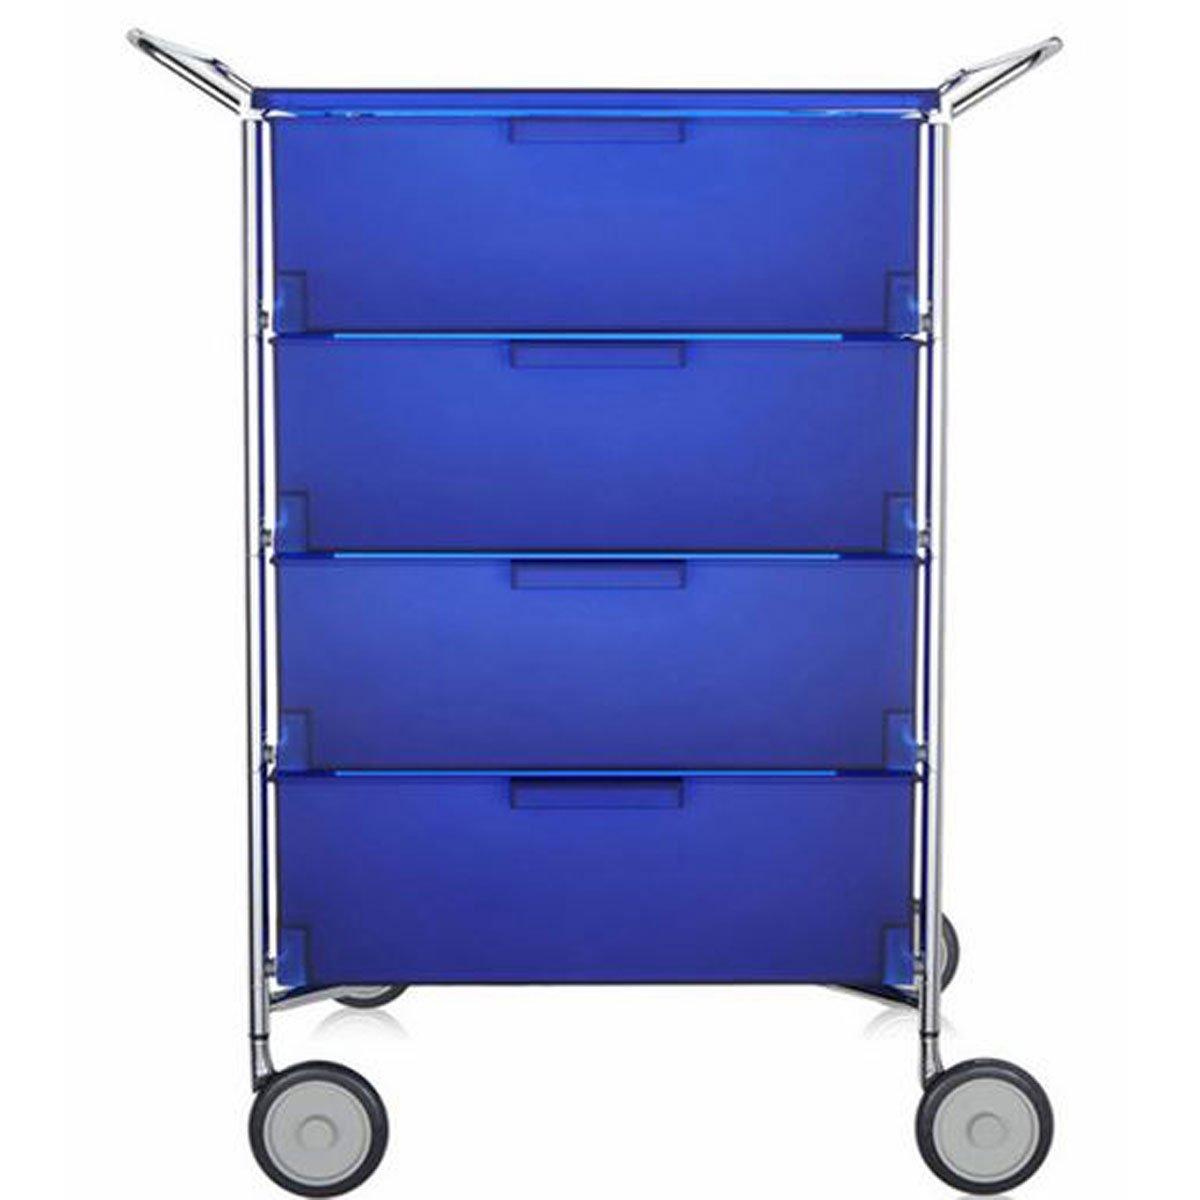 Kartell 2335L2 Container Mobil, 4 Schubladen, kobaltblau